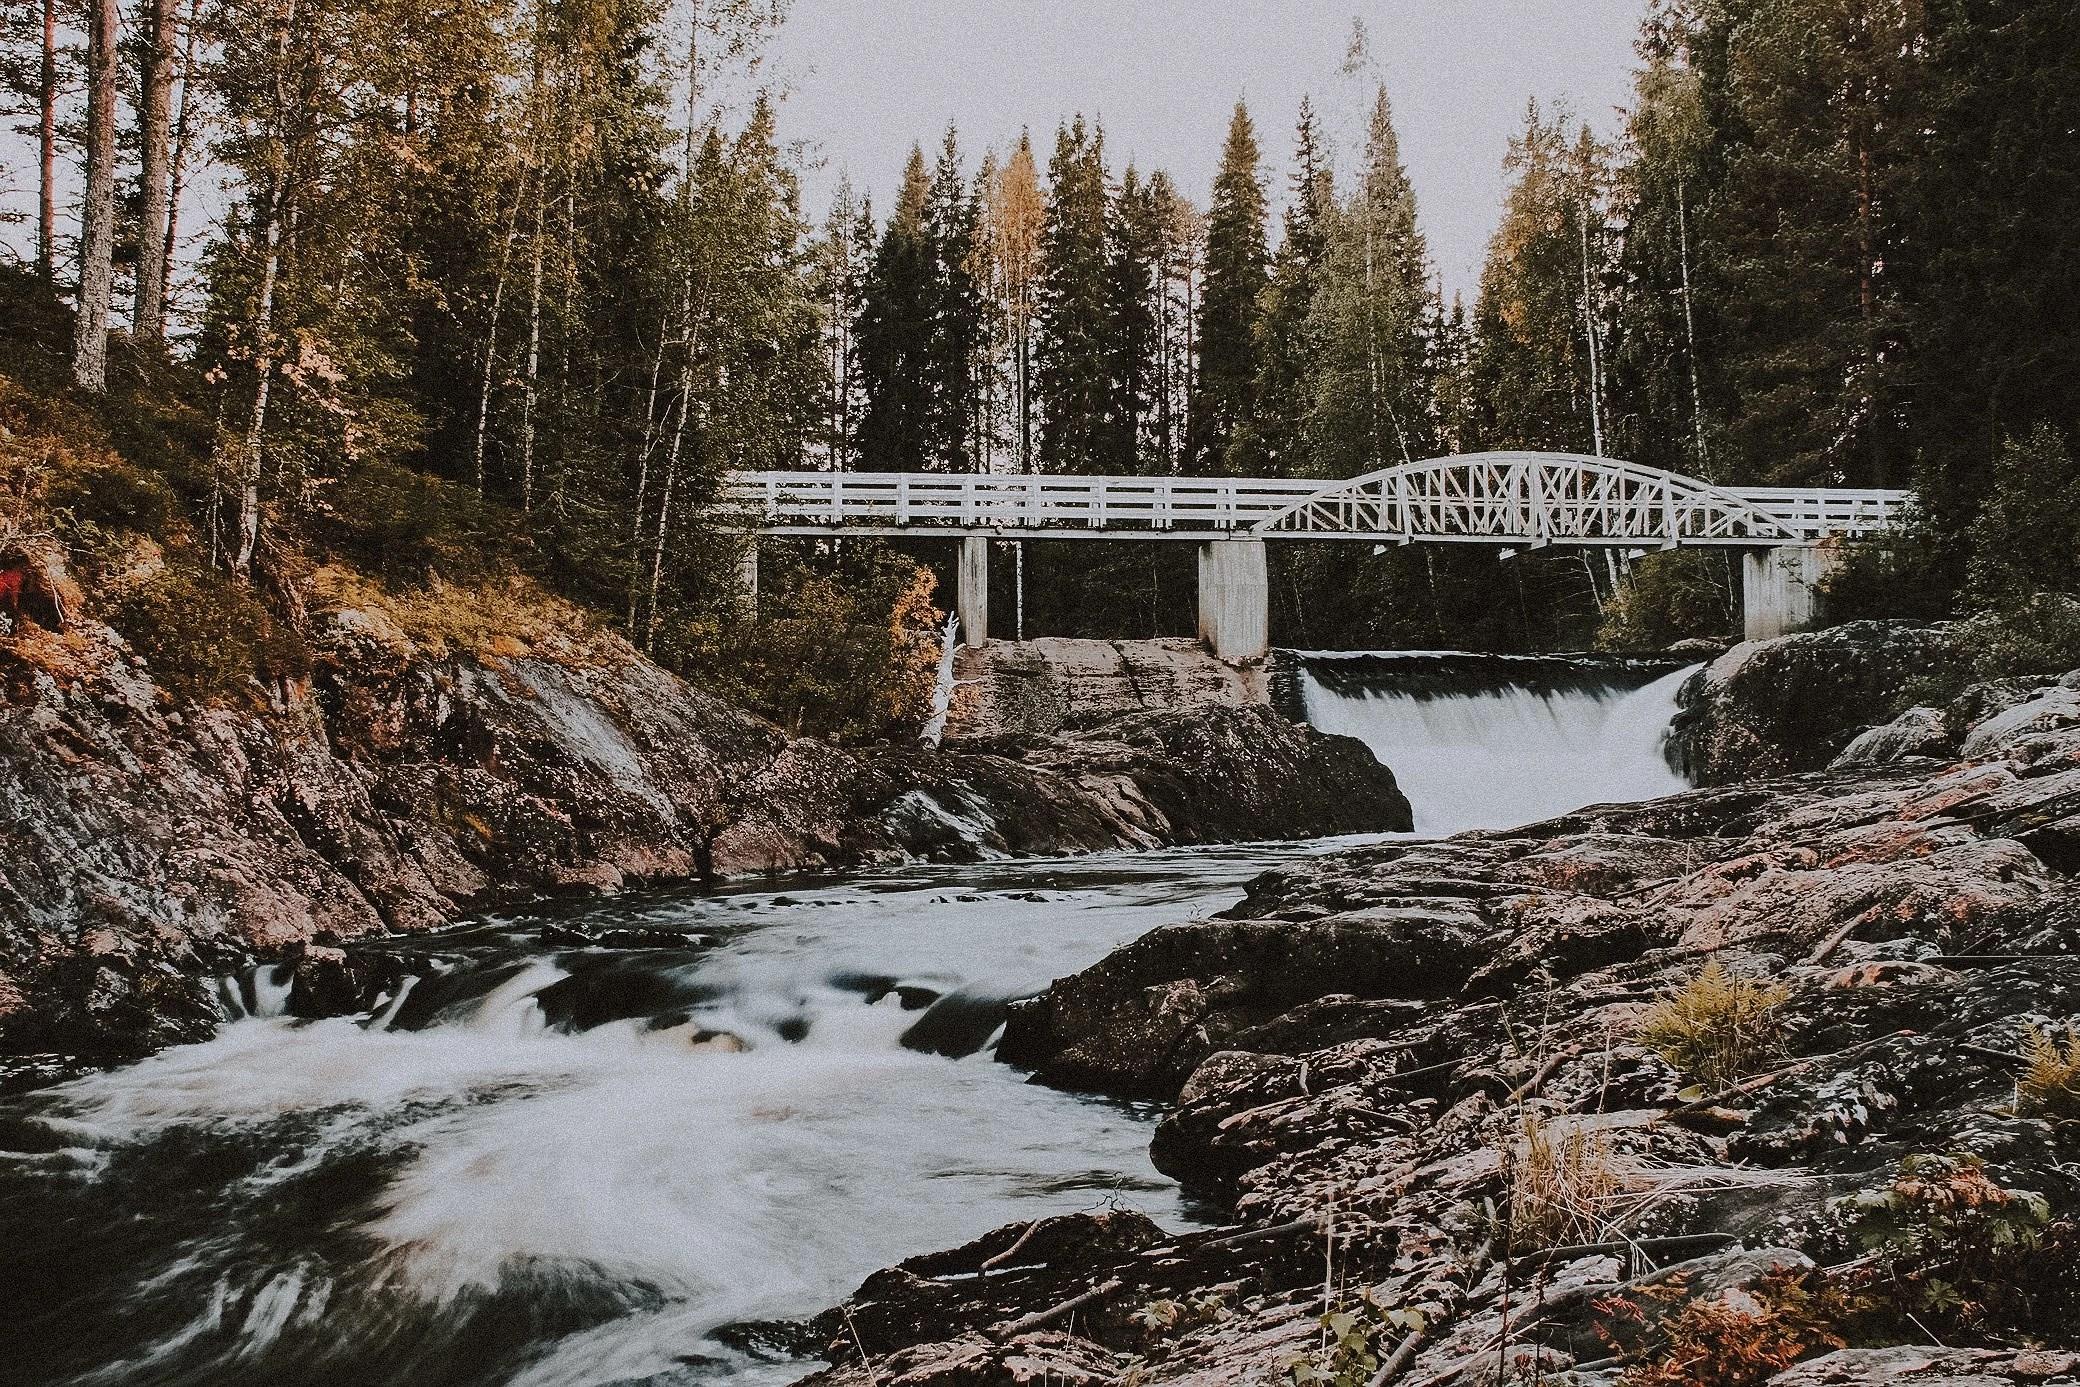 Naturen är en skönhet.